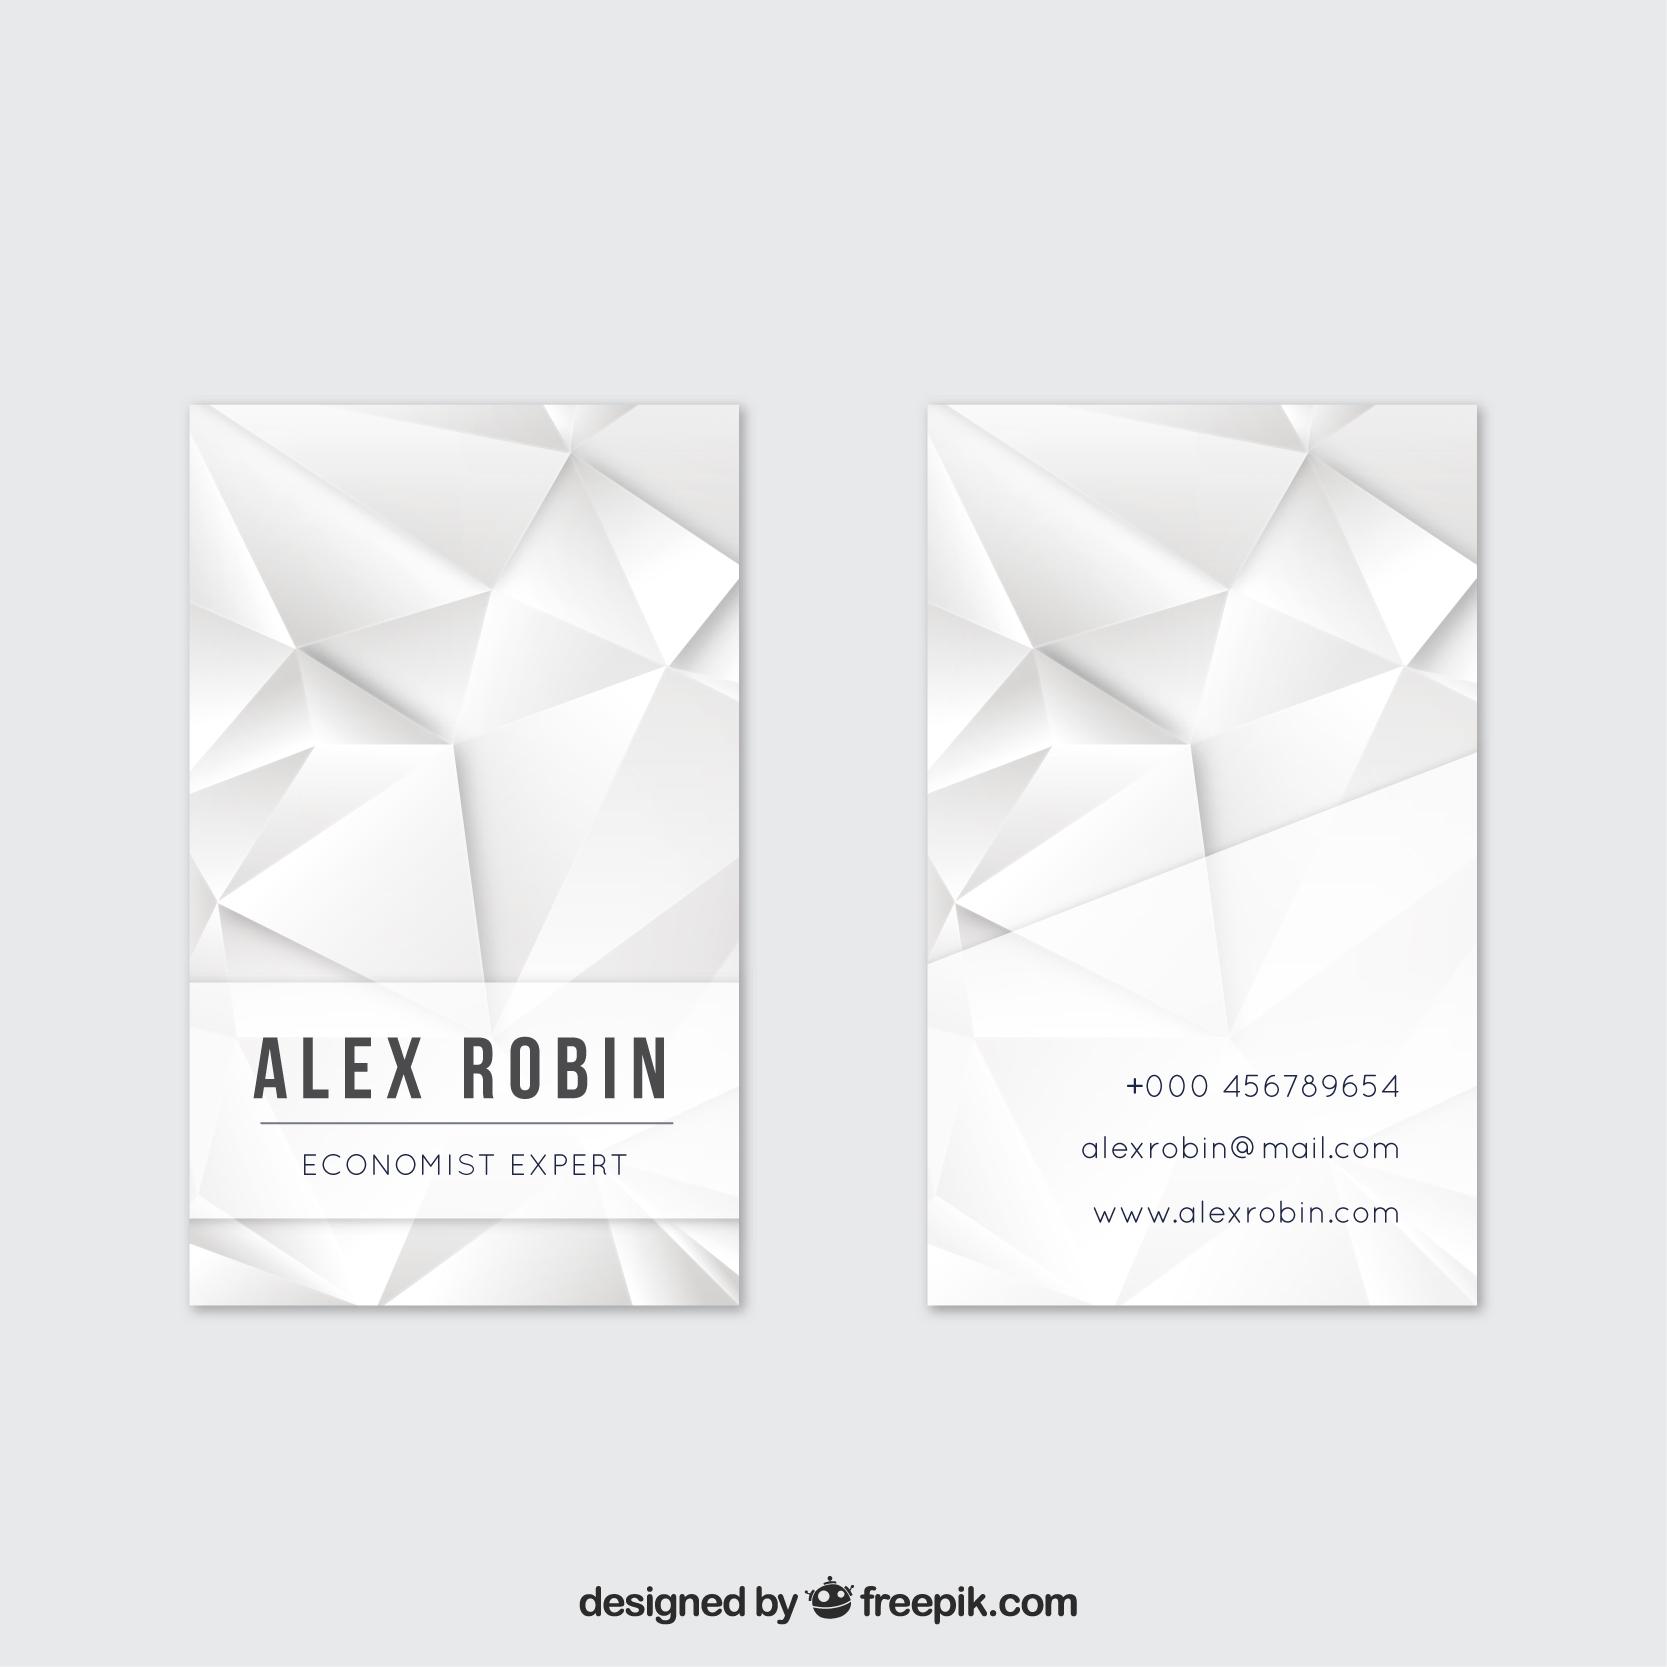 Mẫu card visit sáng tạo cho lĩnh vực kinh doanh giấy. Mang đến vẻ đẹp vừa mạnh mẽ vừa mỏng manh